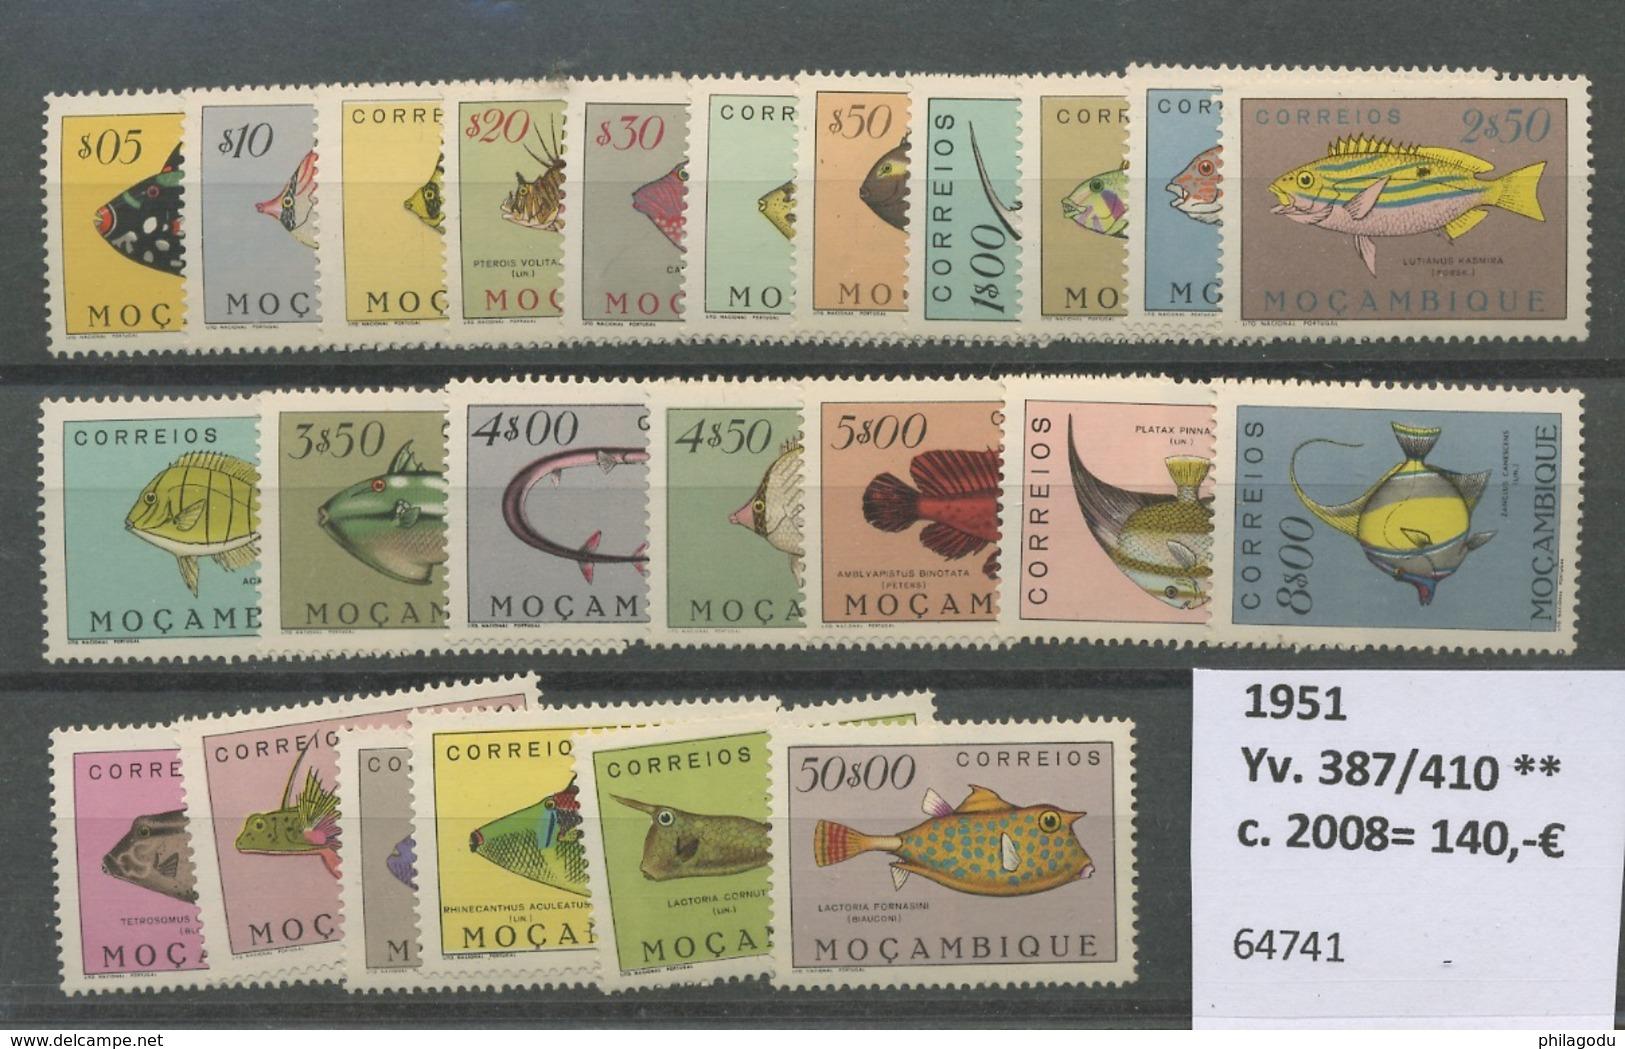 1951 Mozambique Poissons Série Complète**. Cote 140,-euros. Pesce Vis. Fish - Mosambik